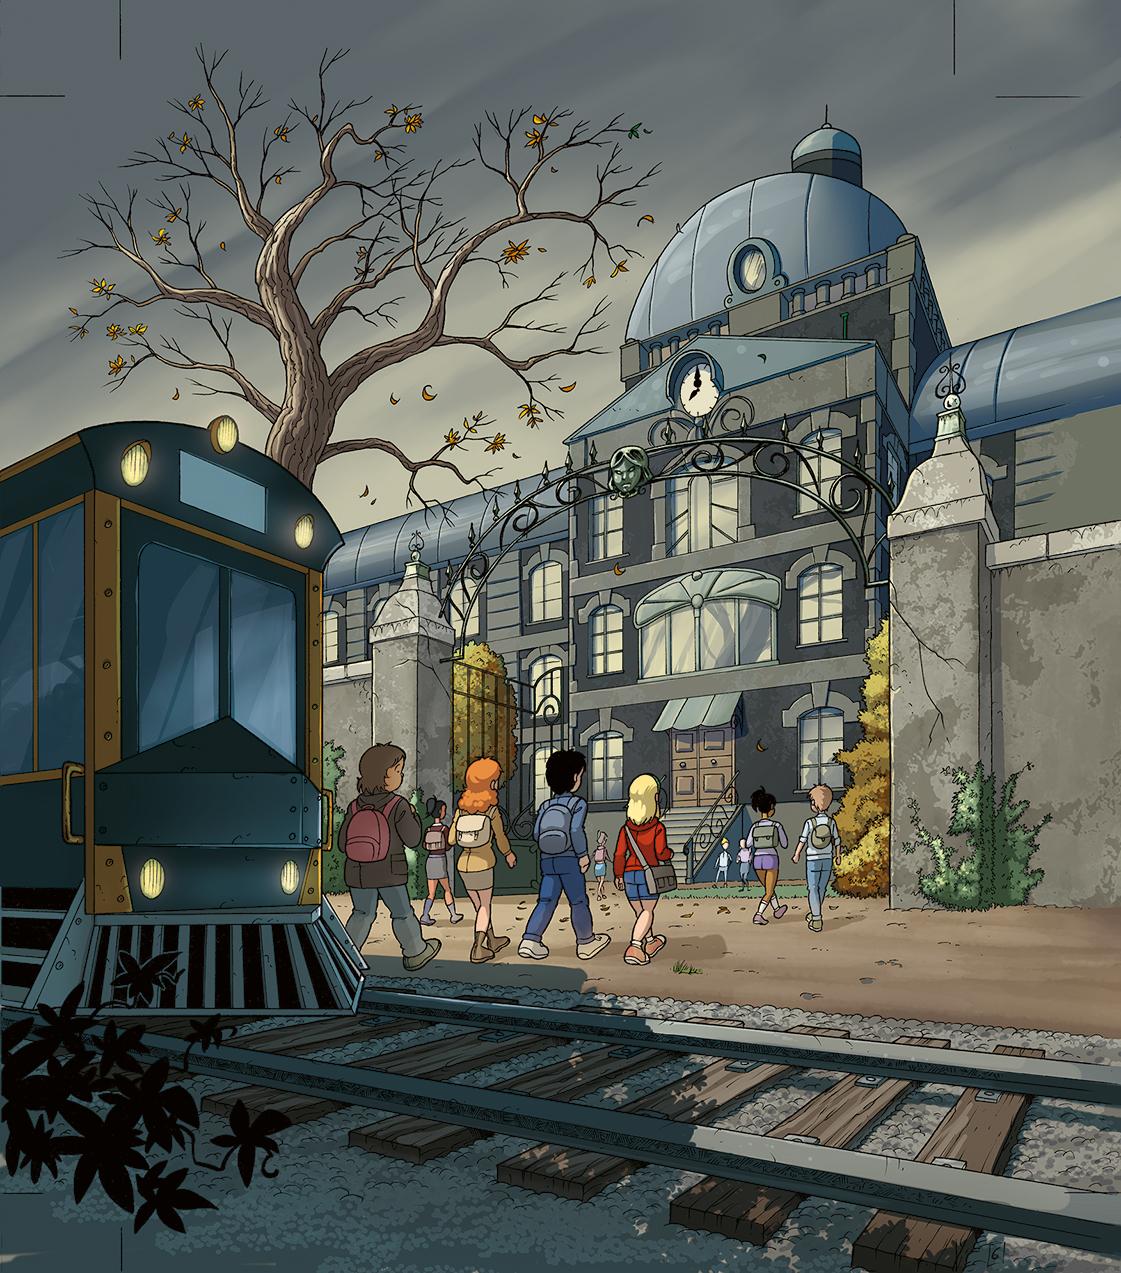 La BD Malenfer est illustrée par Samuel Ménétrier sur un scénario de Cassandra O'Donnell. Colorisation BD : Fred Vigneau.